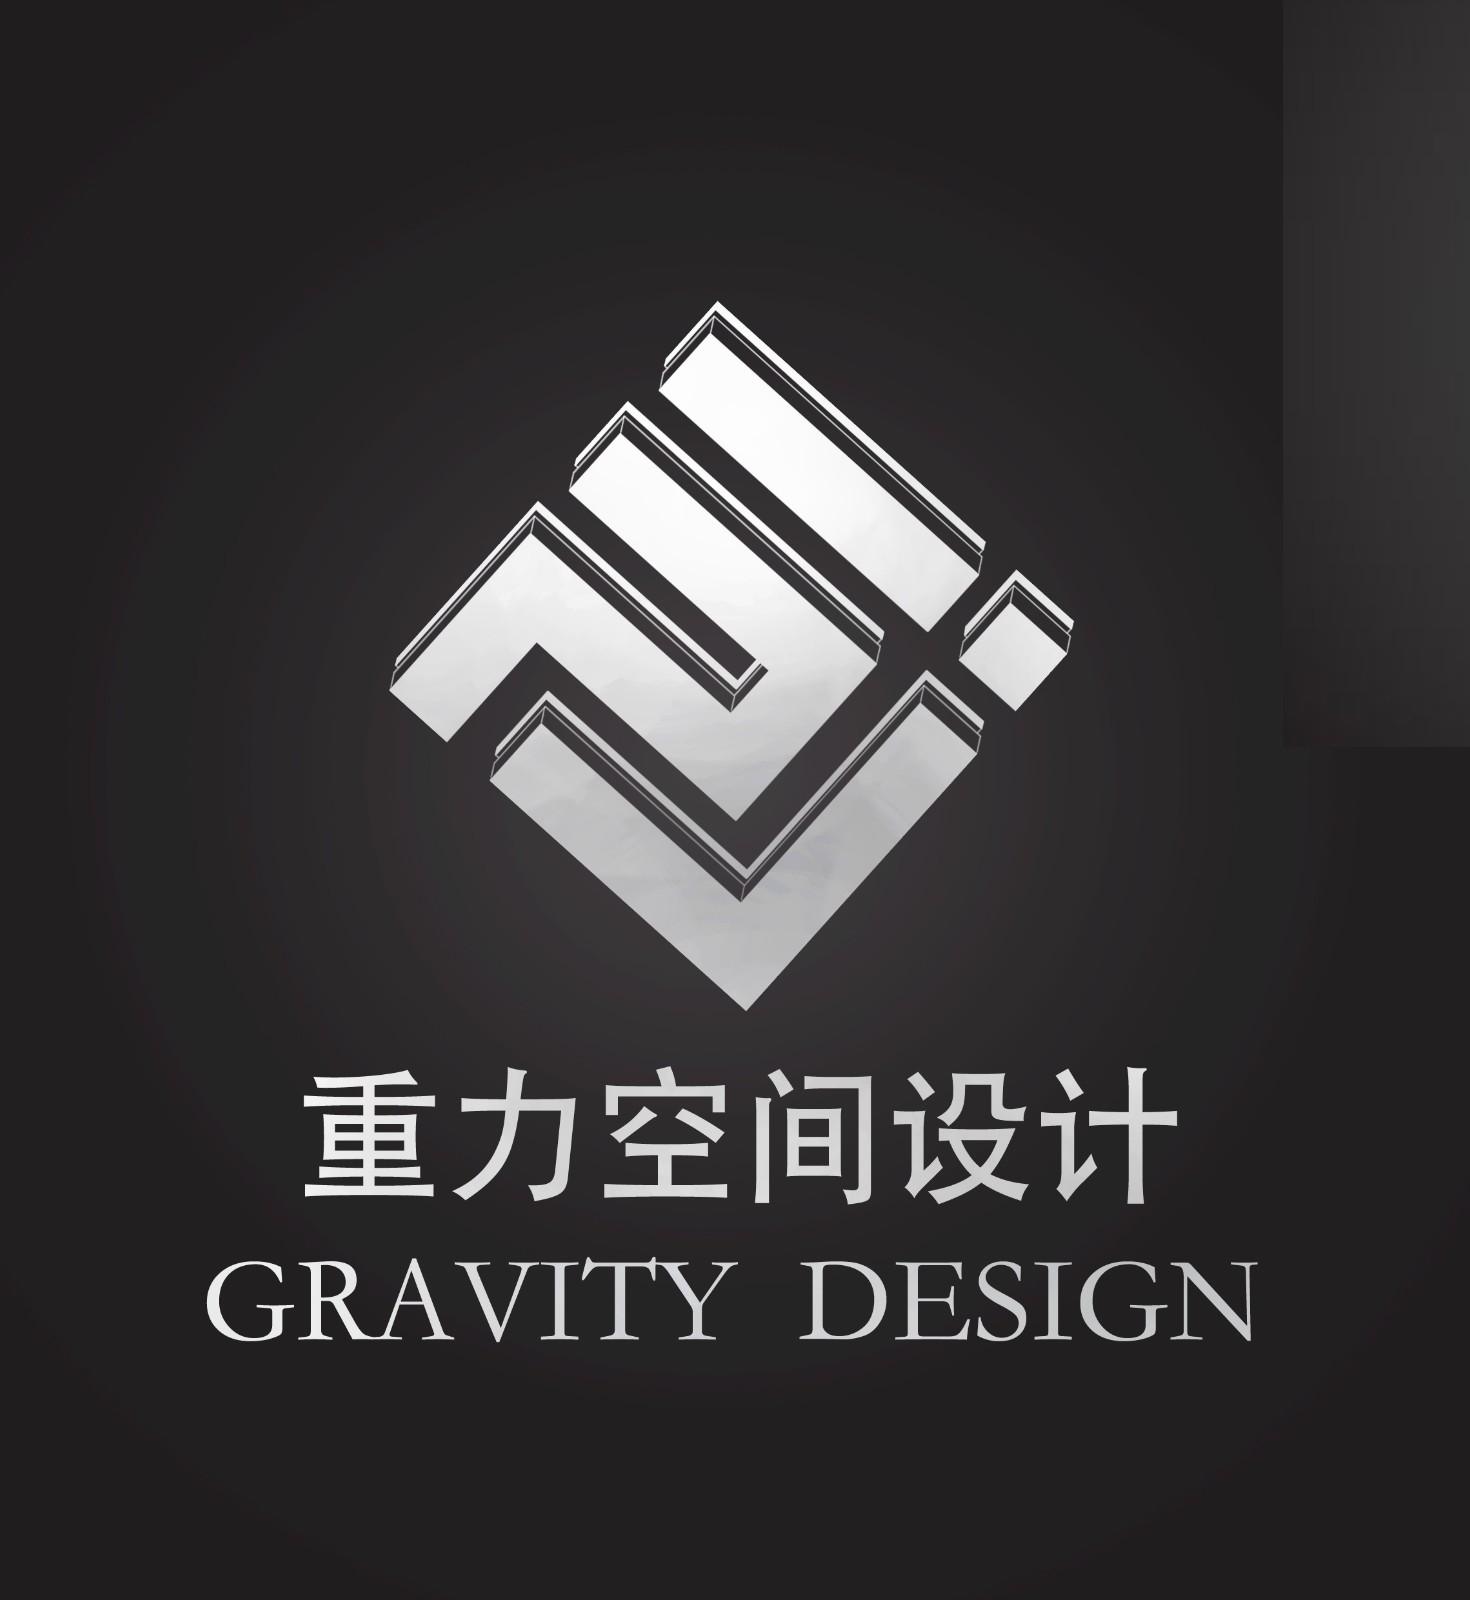 中山市重力空间设计有限公司